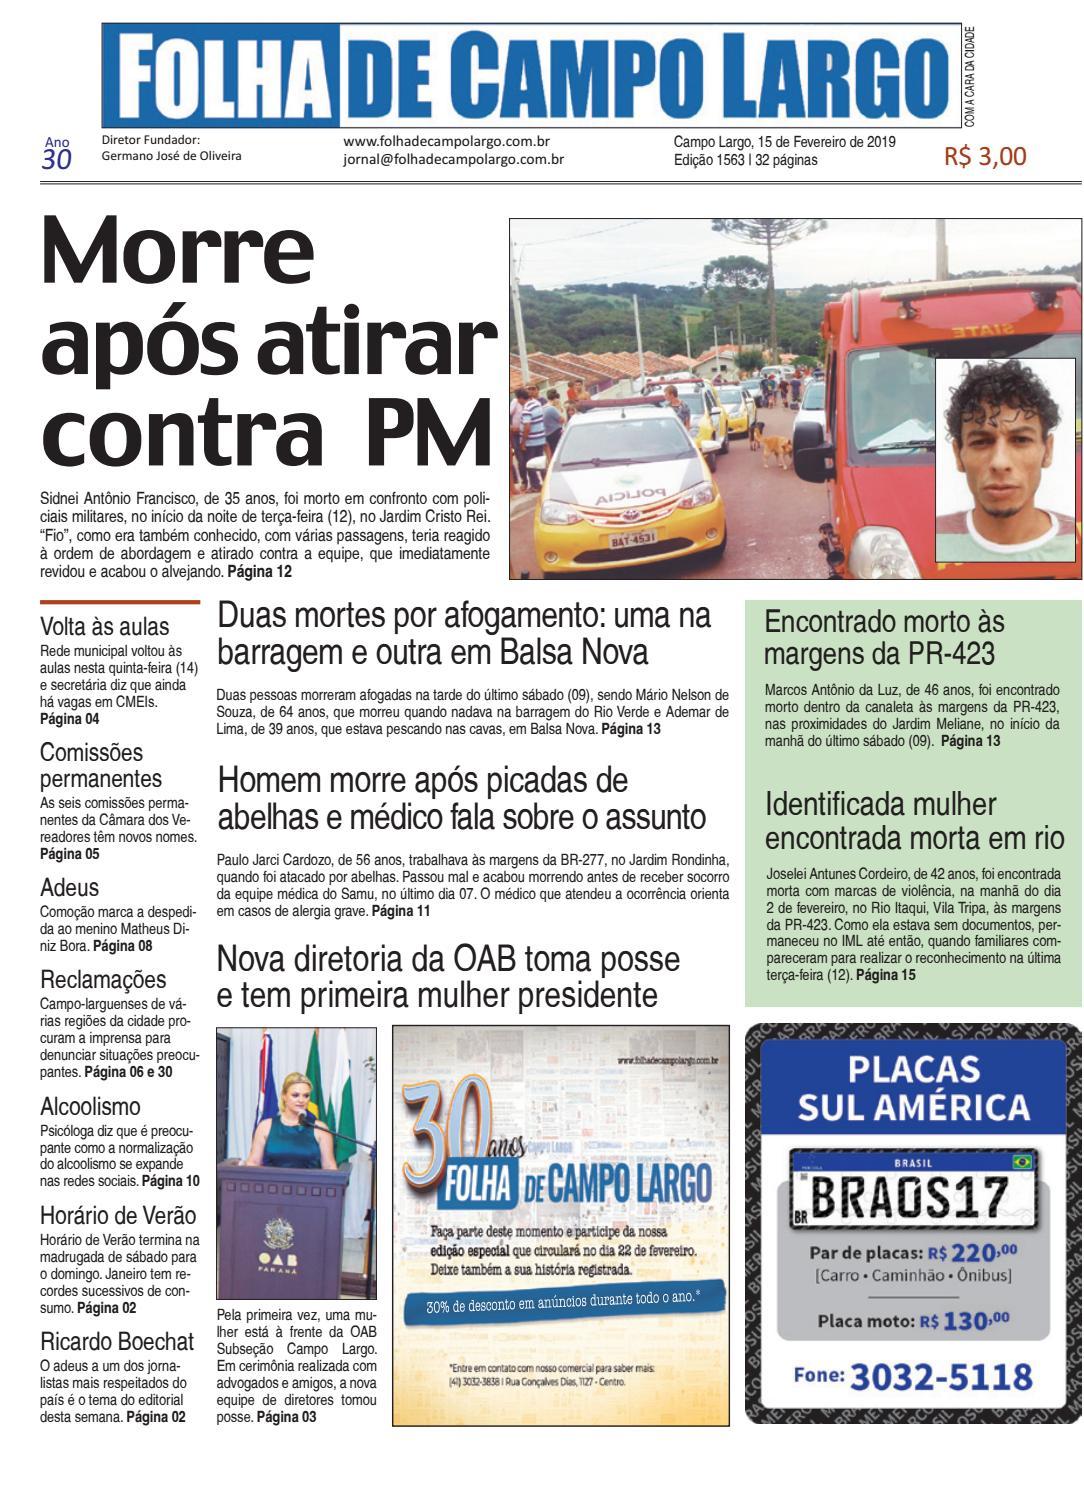 e7be8224d Folha de Campo Largo by Folha de Campo Largo - issuu